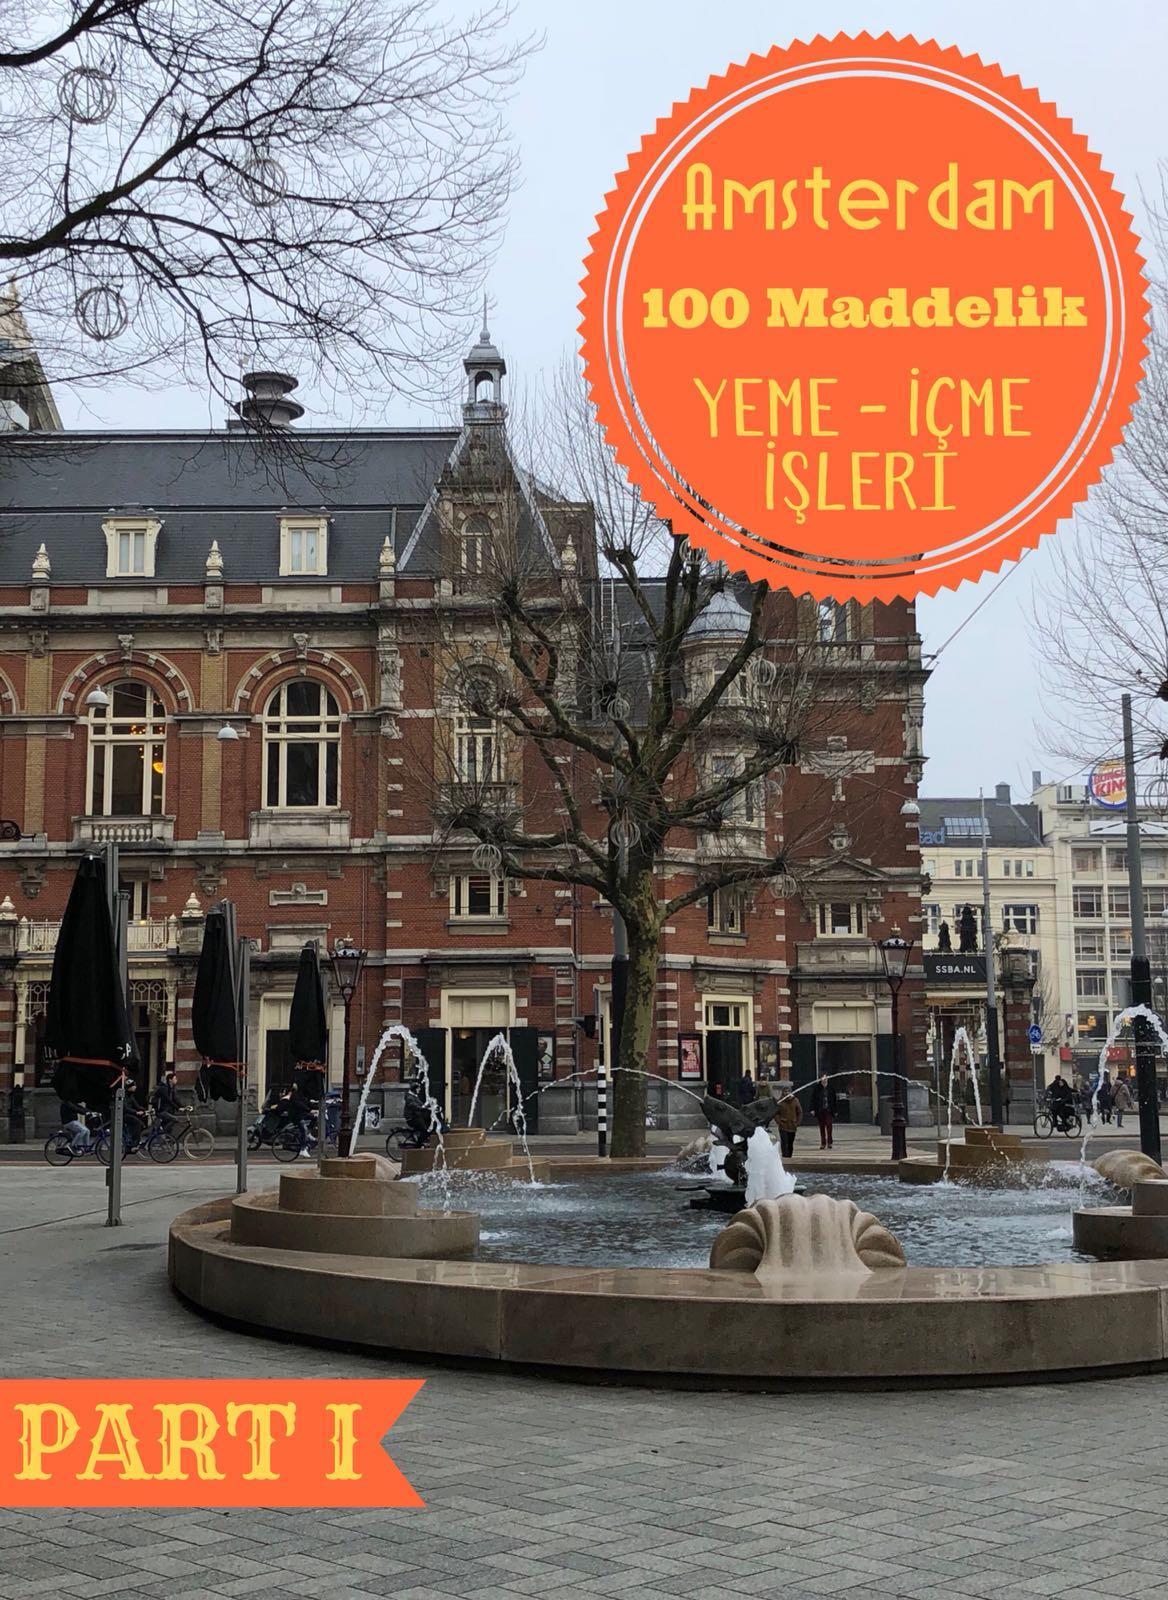 100 Maddelik Amsterdam Yeme İçme Destanı